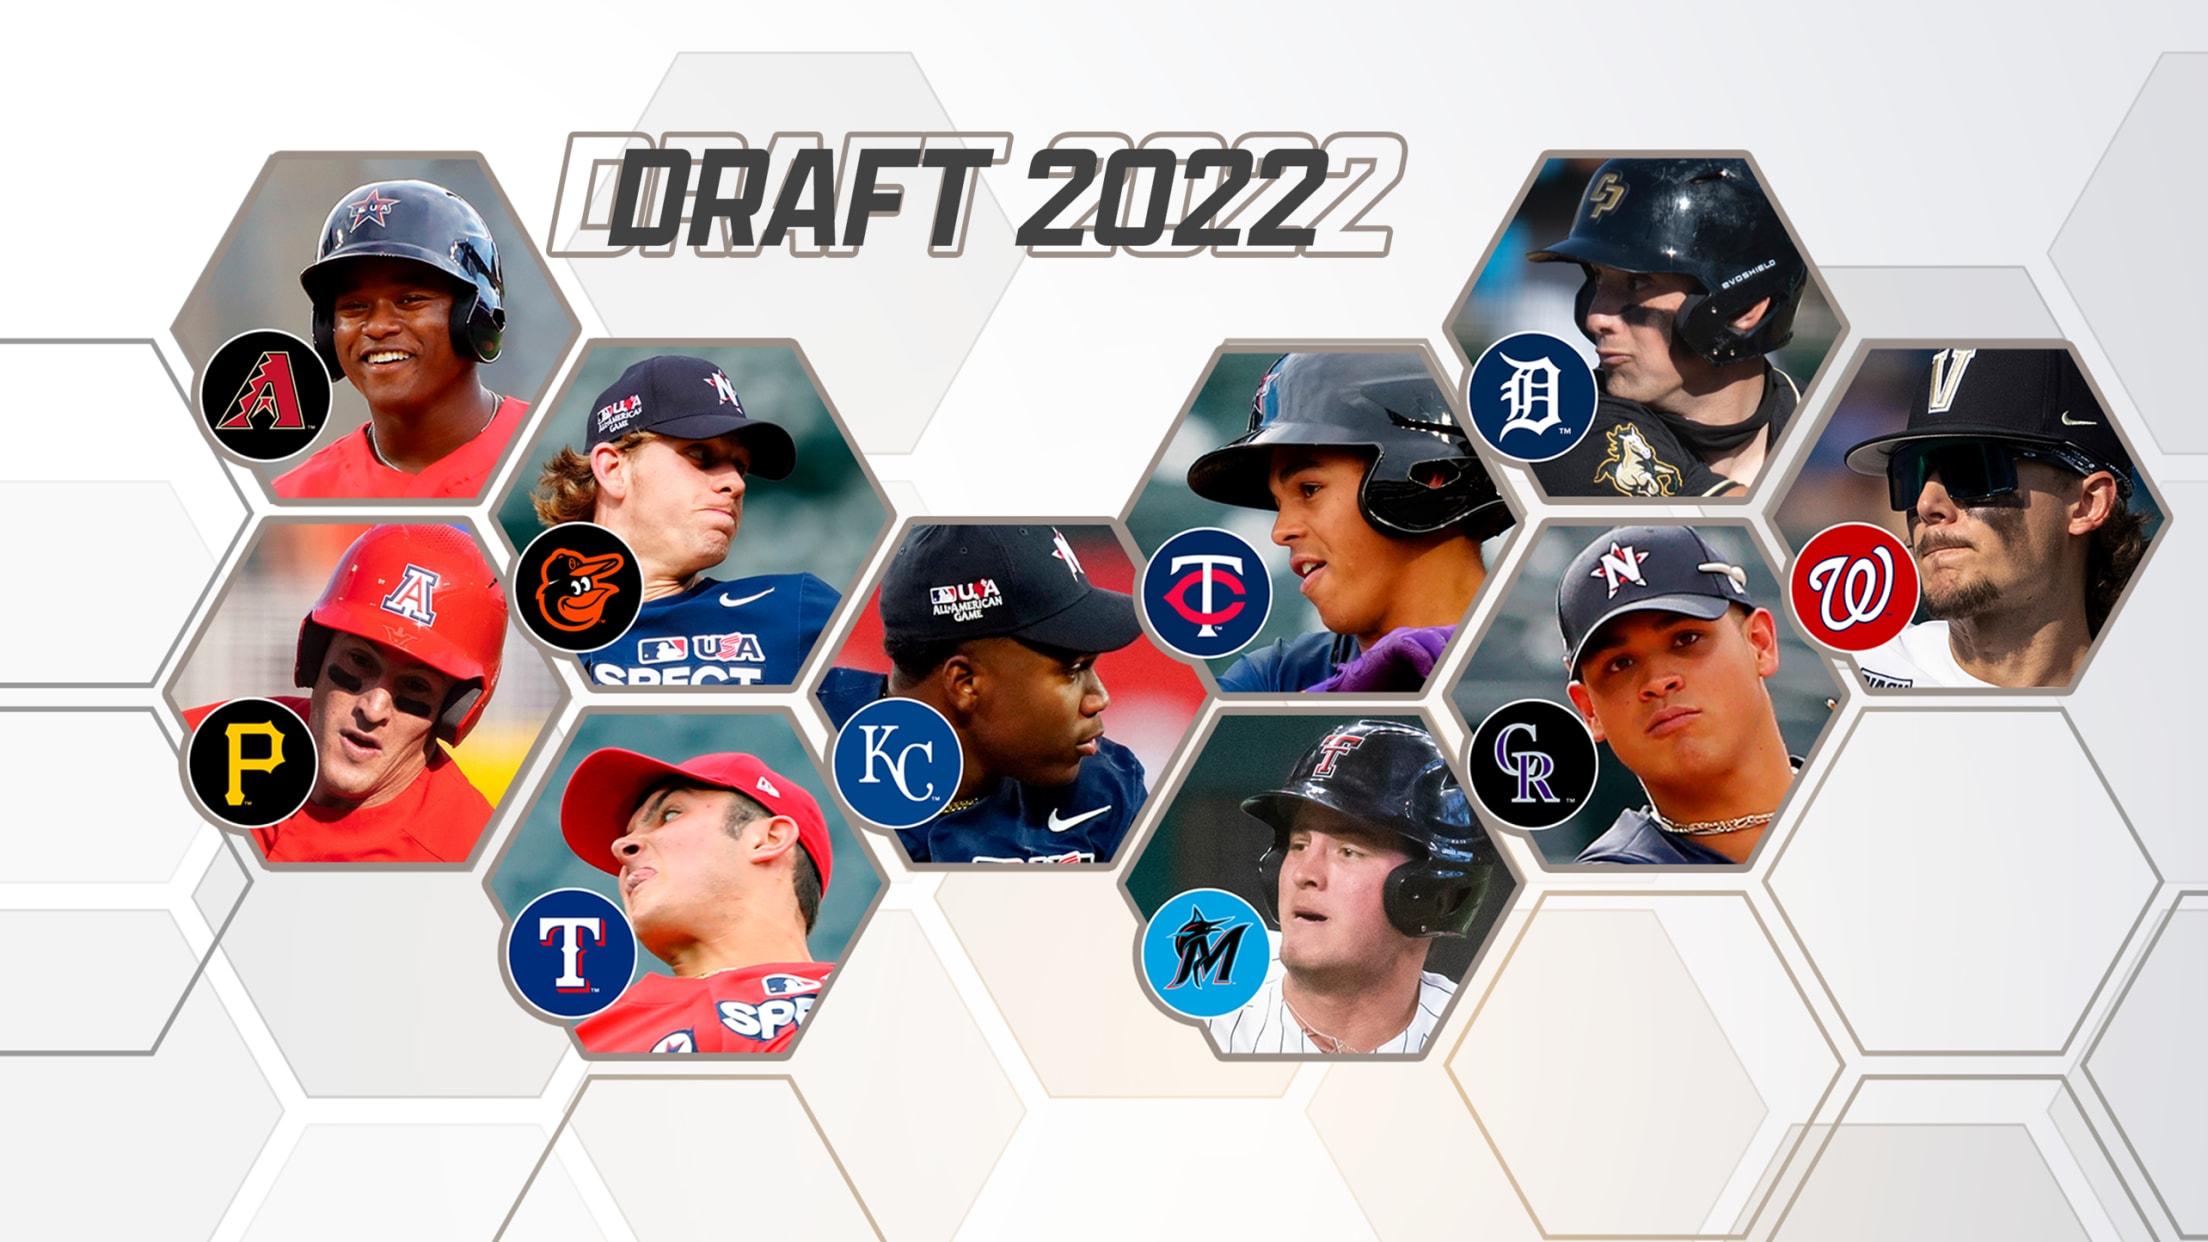 Looking ahead to 2022 MLB Draft